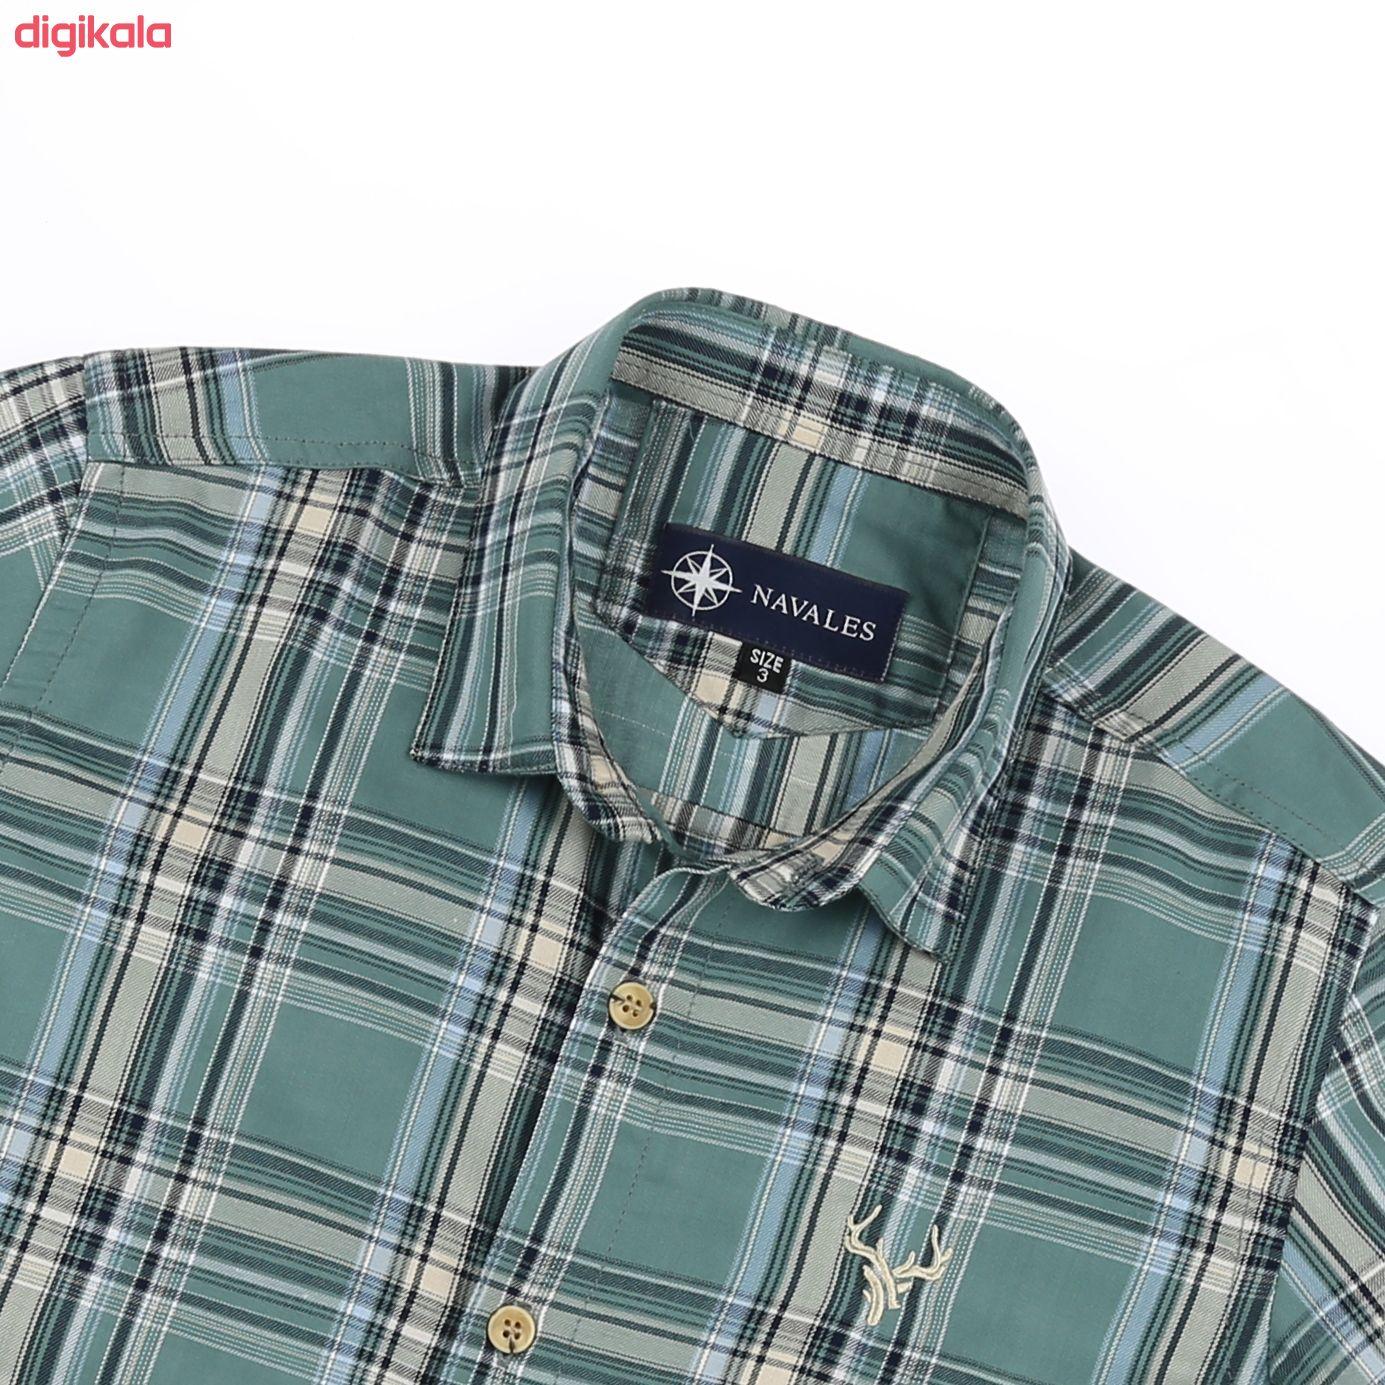 پیراهن پسرانه ناوالس کد G-20119-GN main 1 4